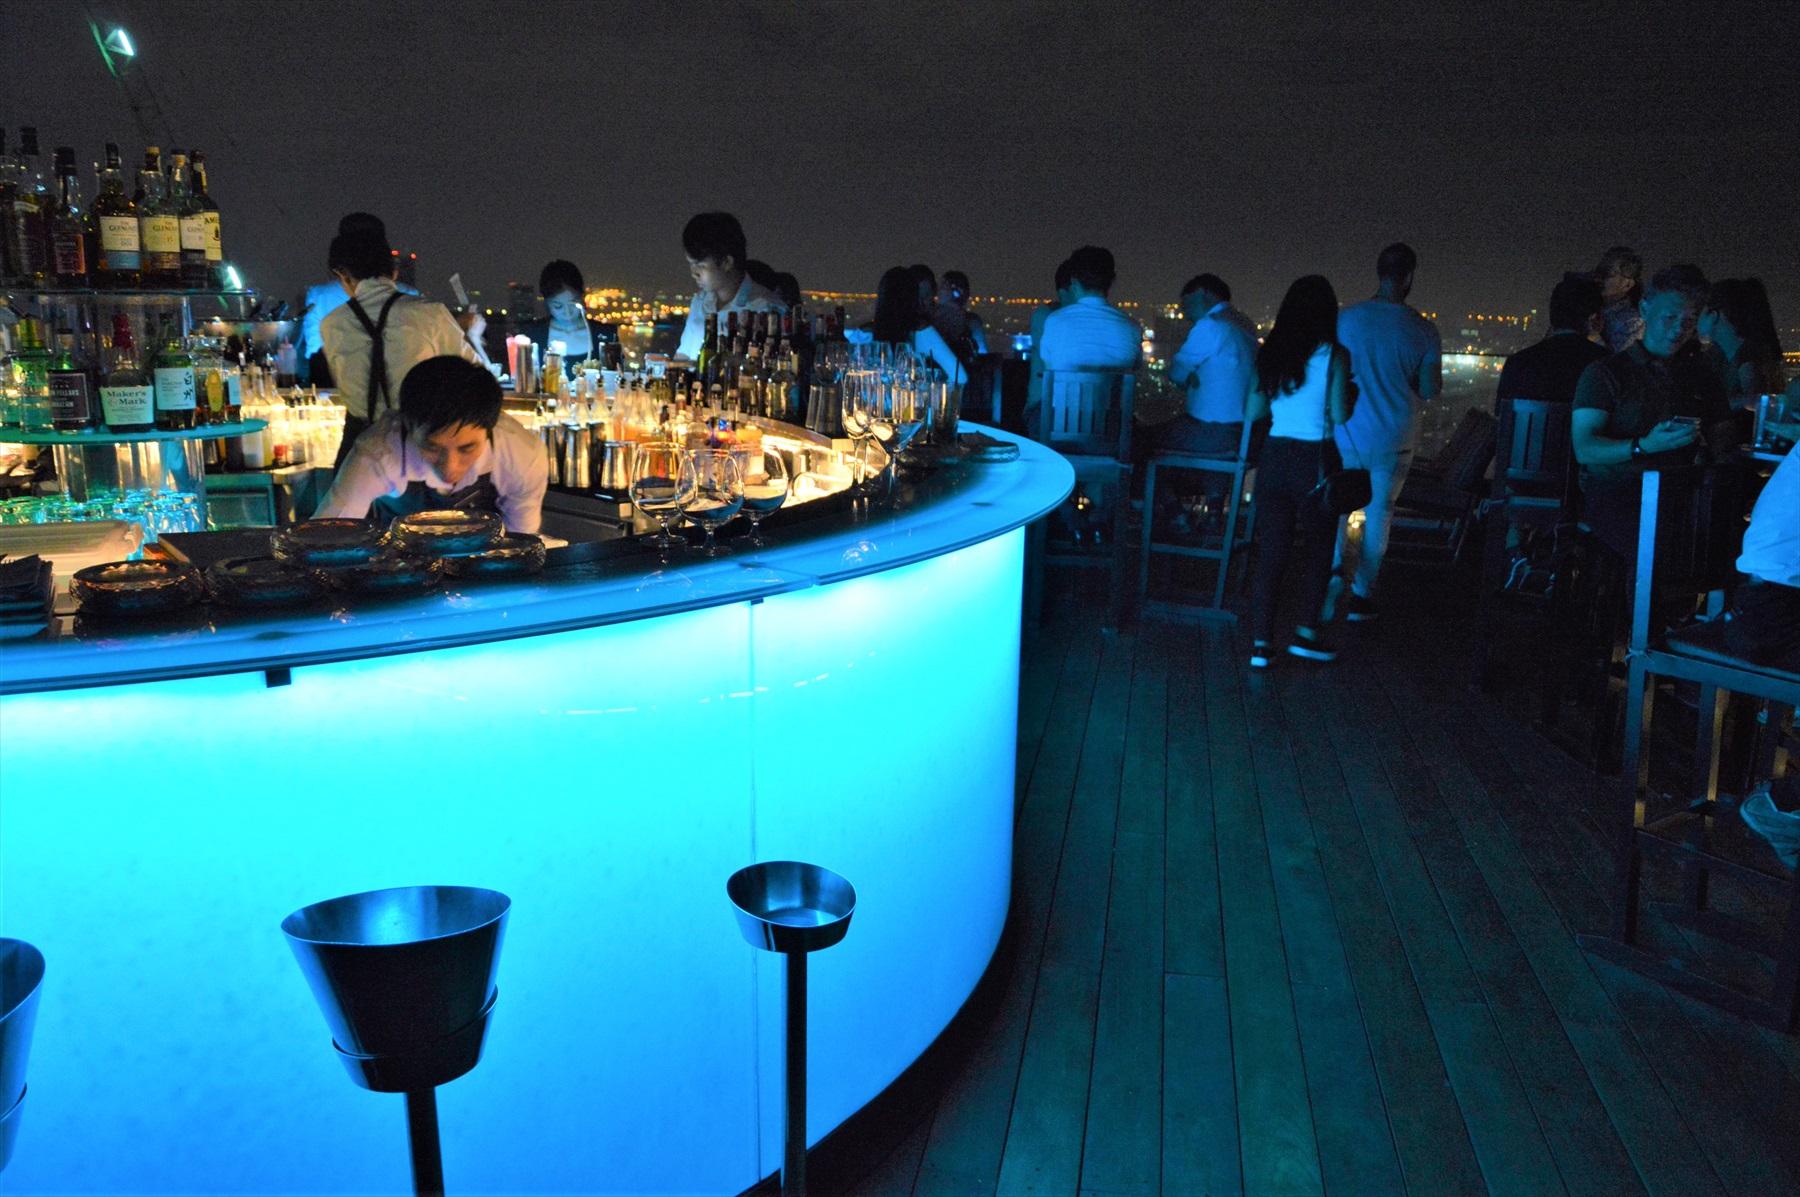 常夏のバンコクで涼風に吹かれてみたい!人気のルーフトップバー「Octave Rooftop Lounge and Bar」は漆黒の空に浮かぶ空中庭園